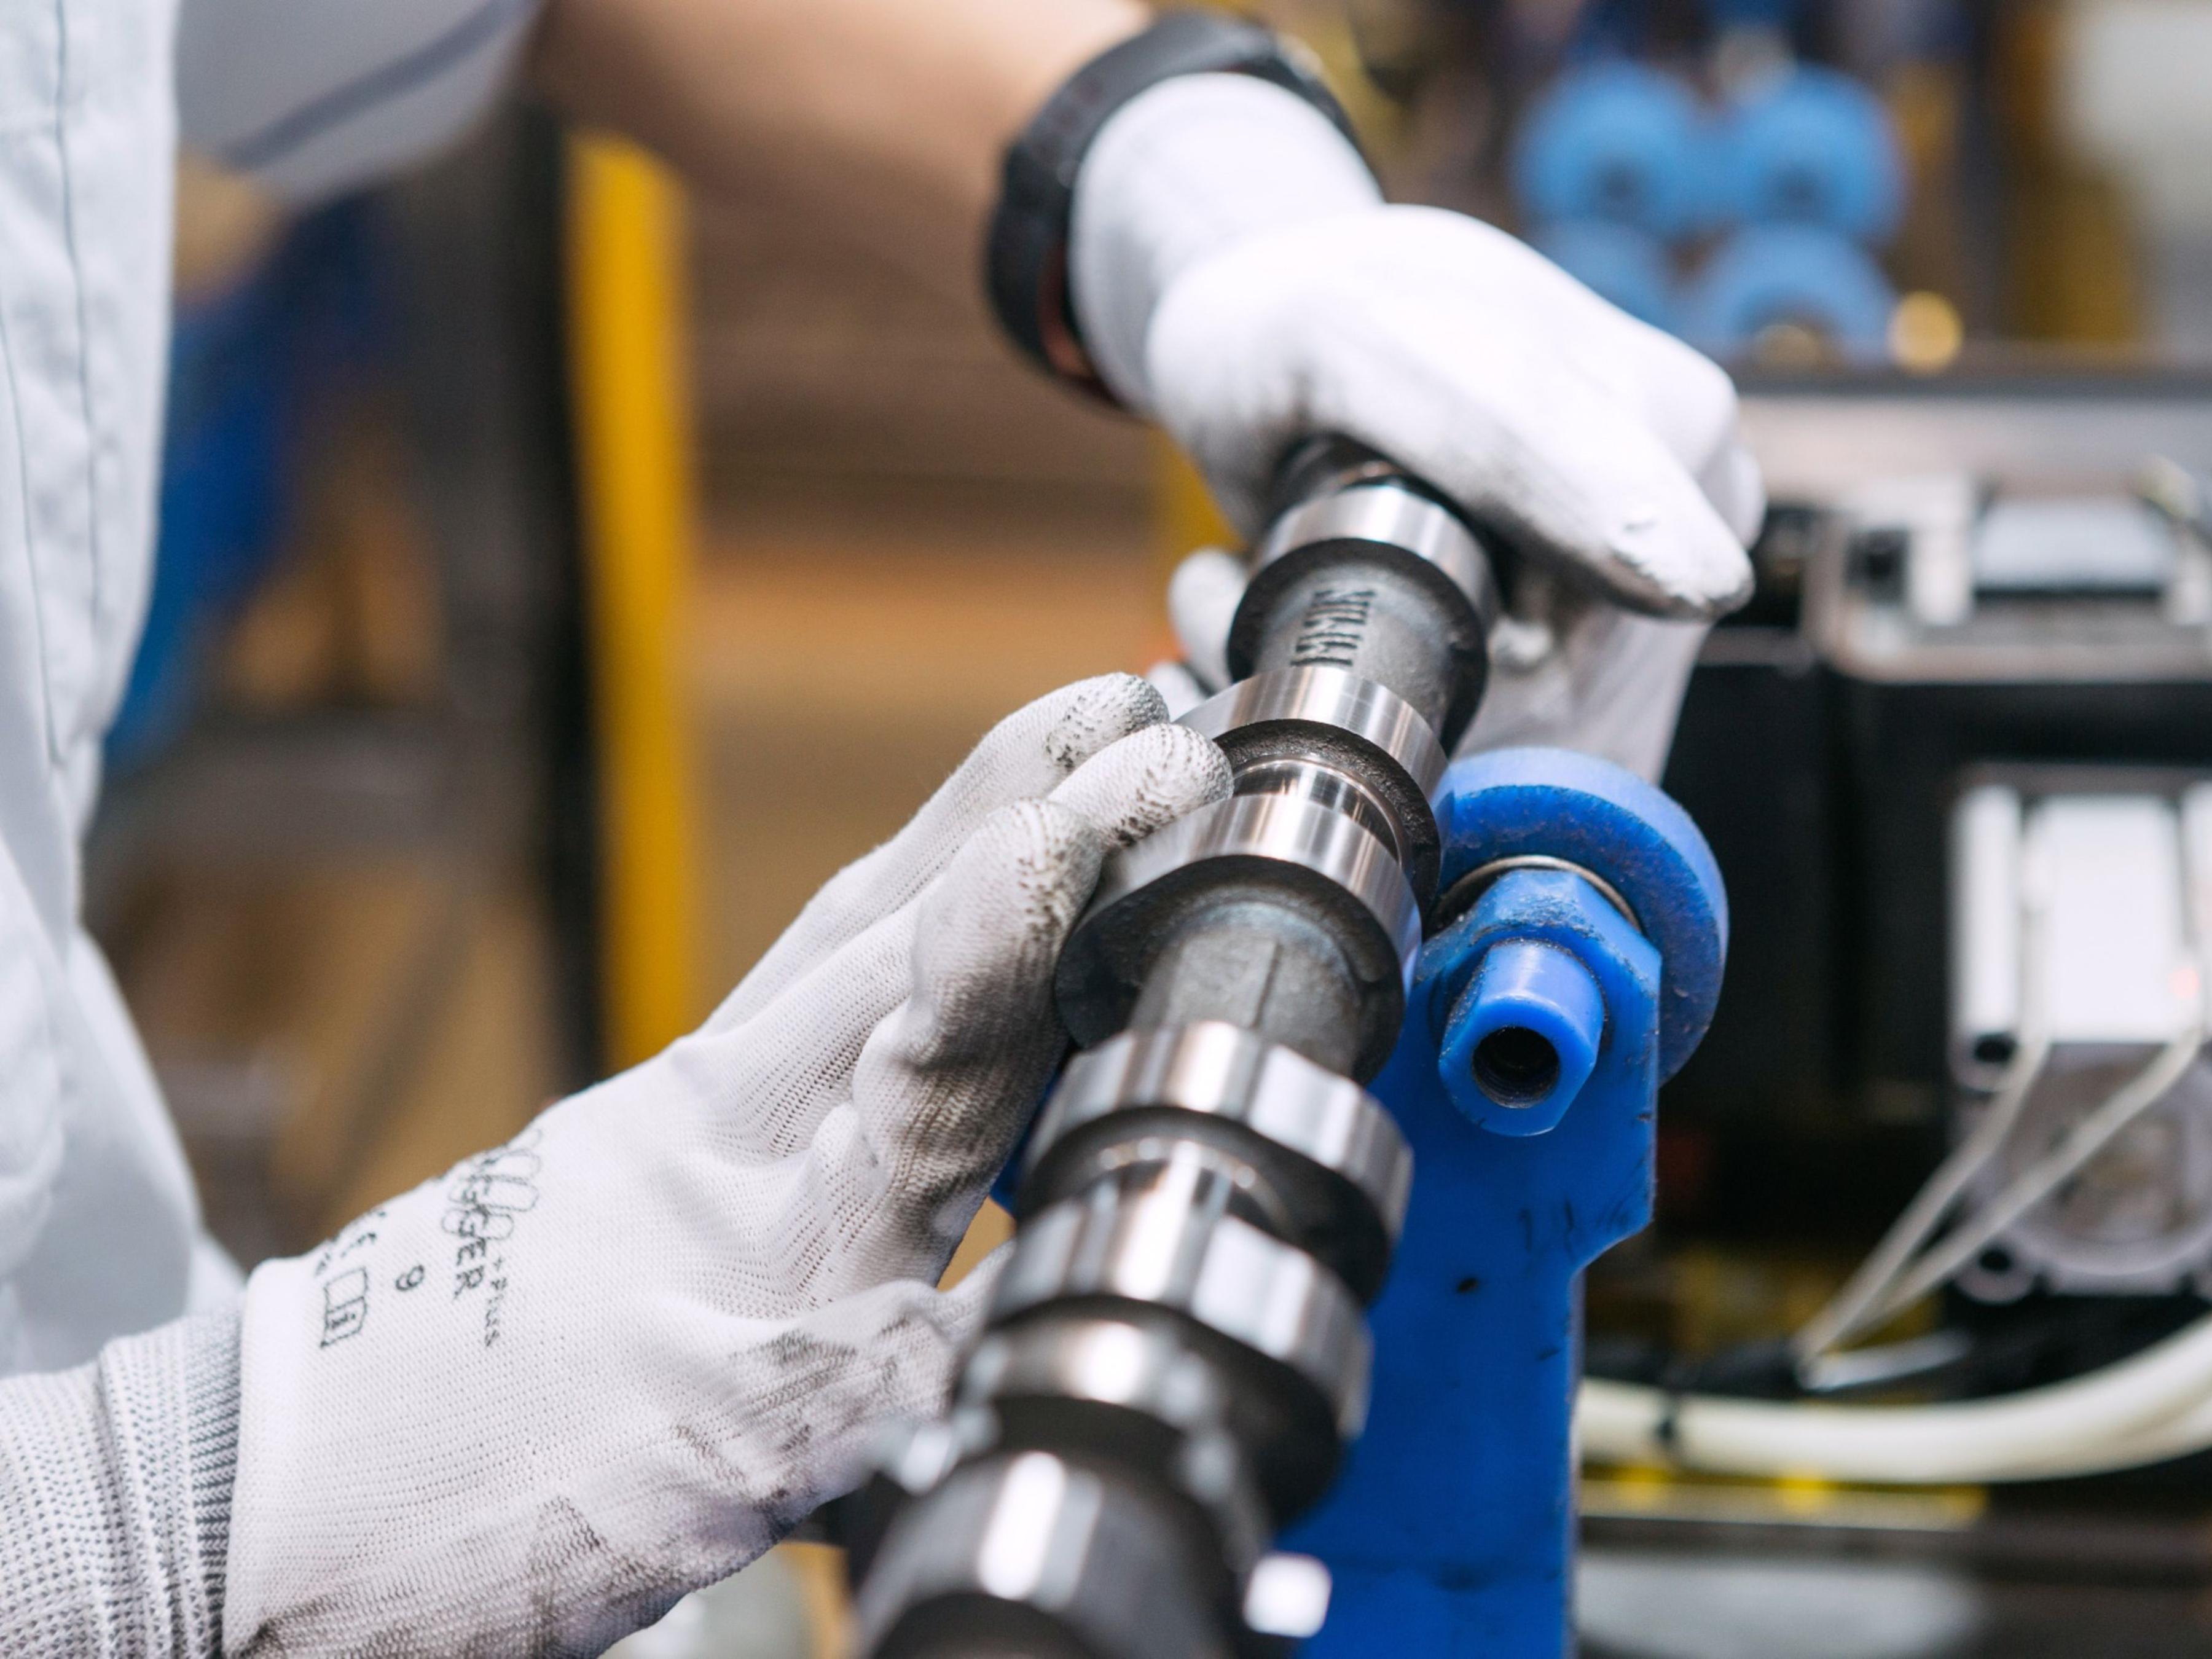 0205 partssupplyforcarindustry